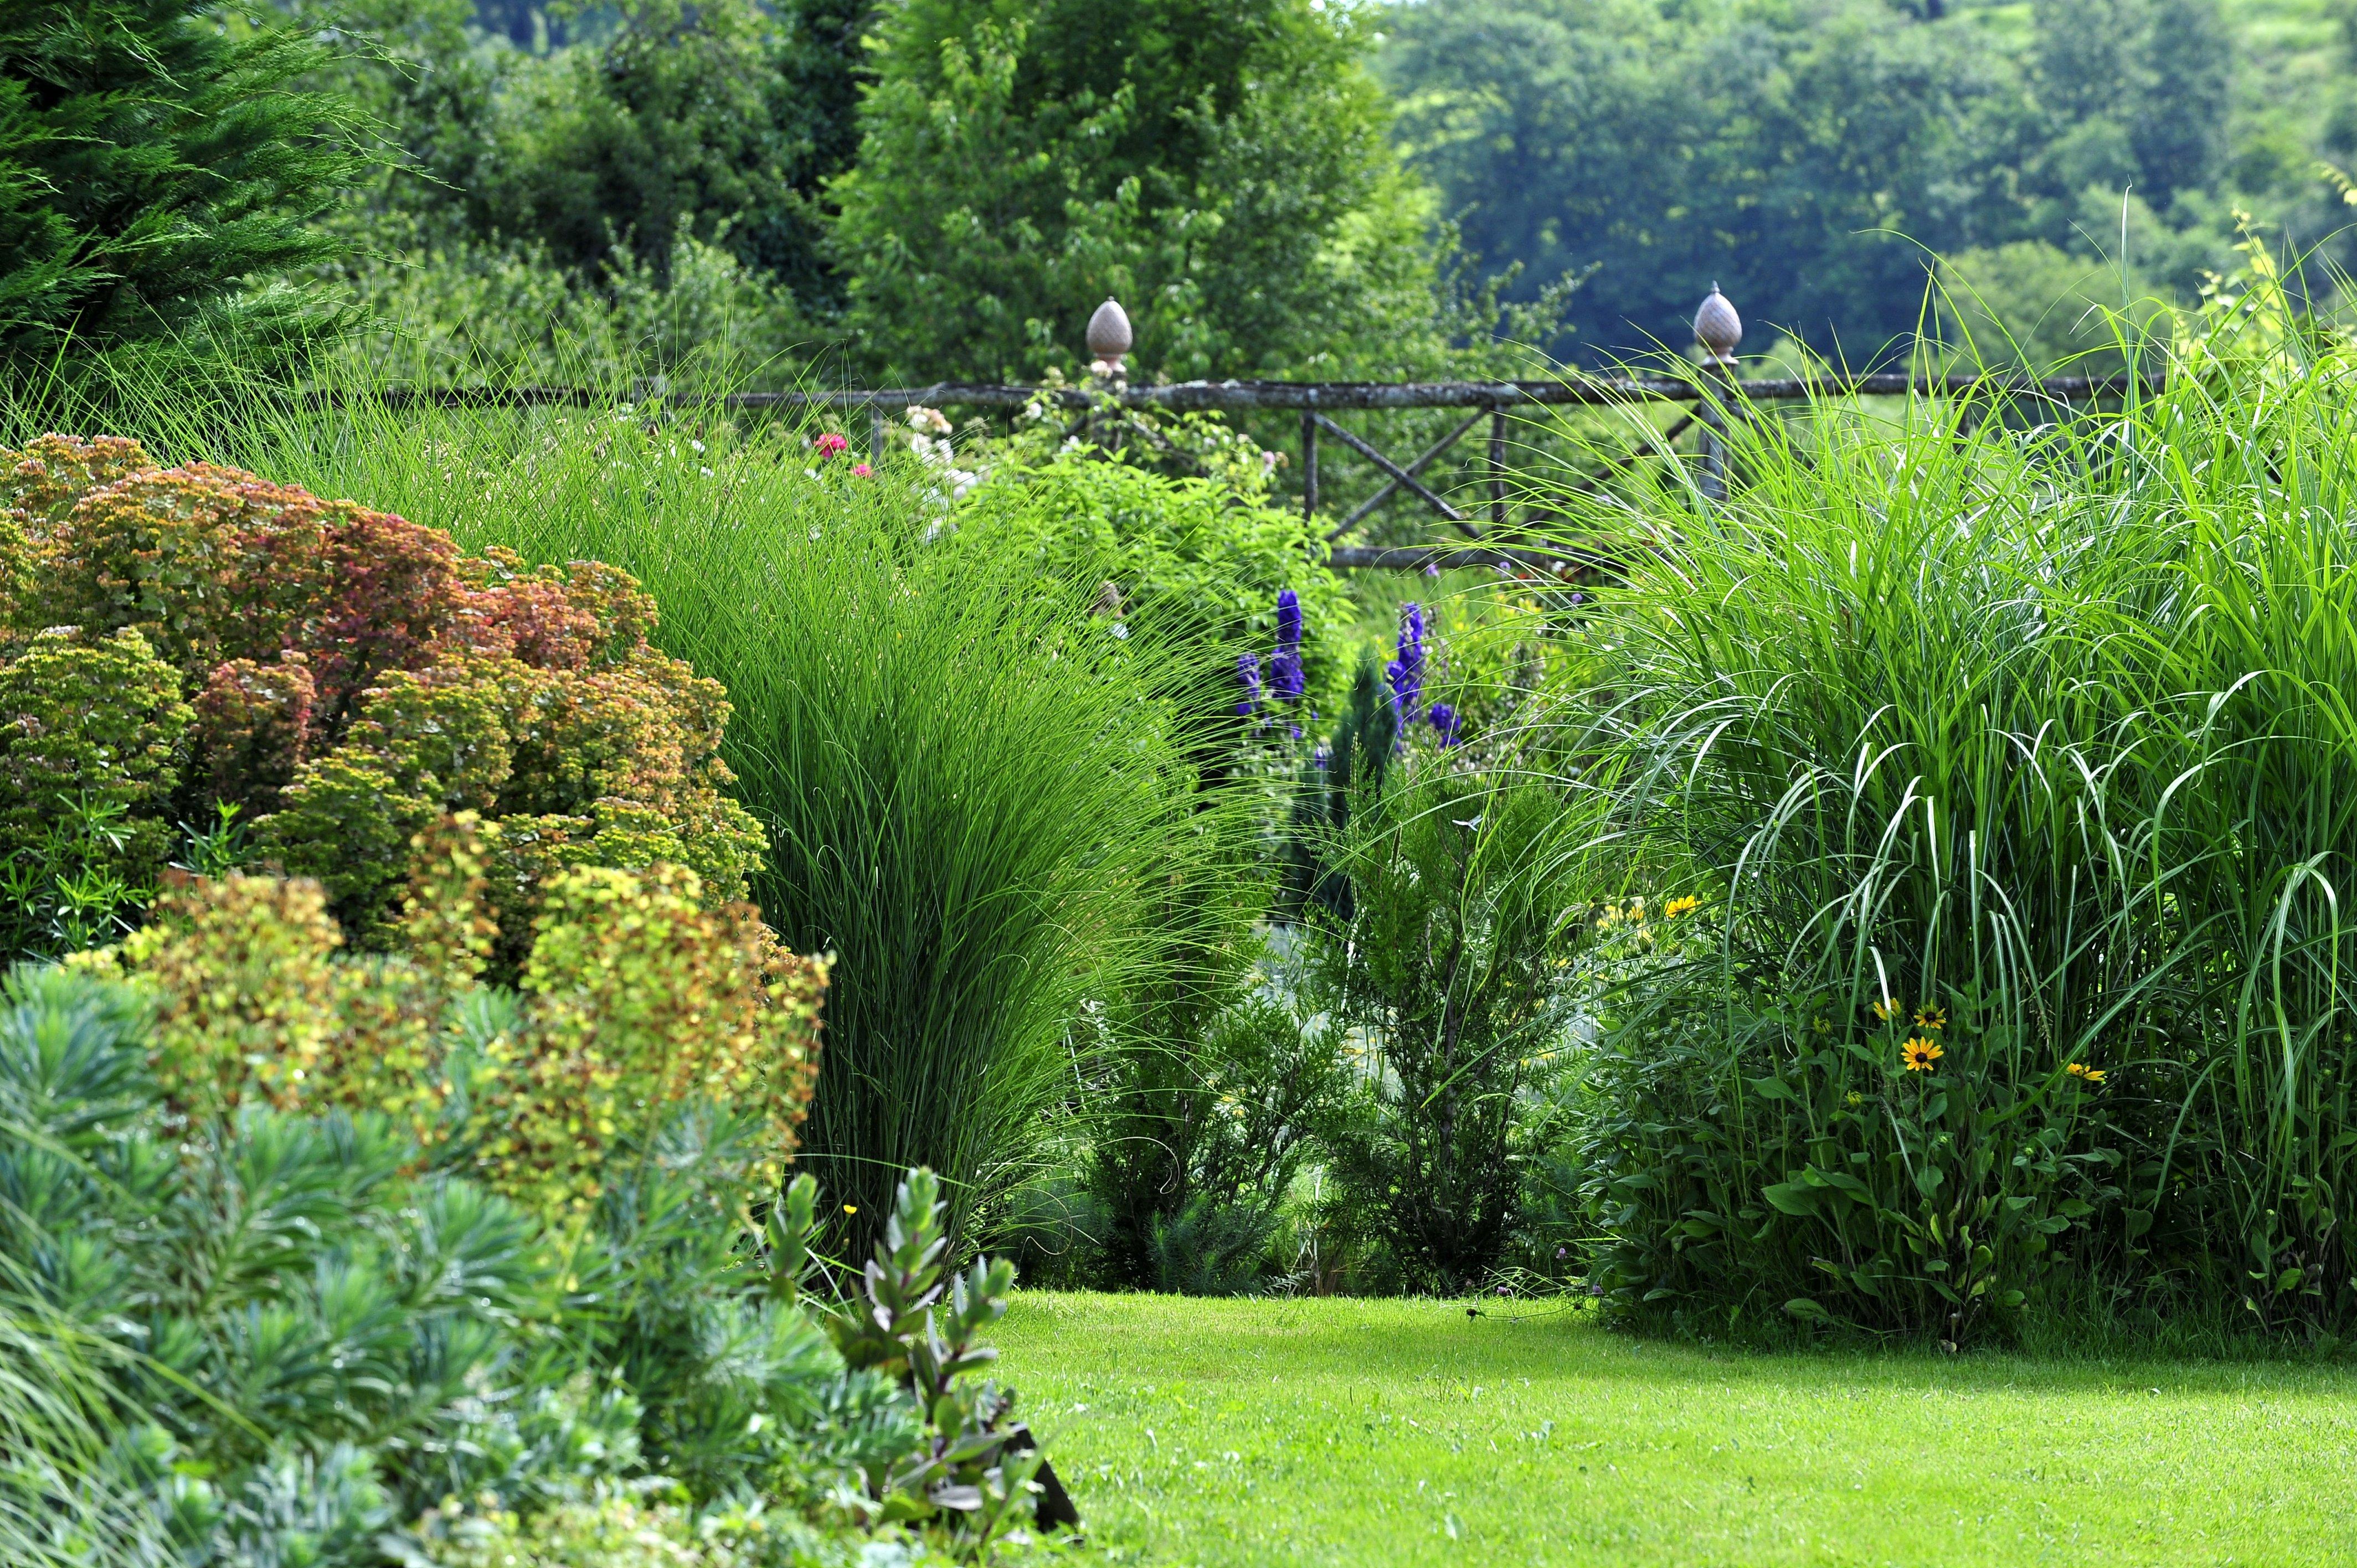 Jardin de la poterie hillen thermes magnoac hautes pyr n es minist re de la culture - Jardin d hiver de la berteliere ...